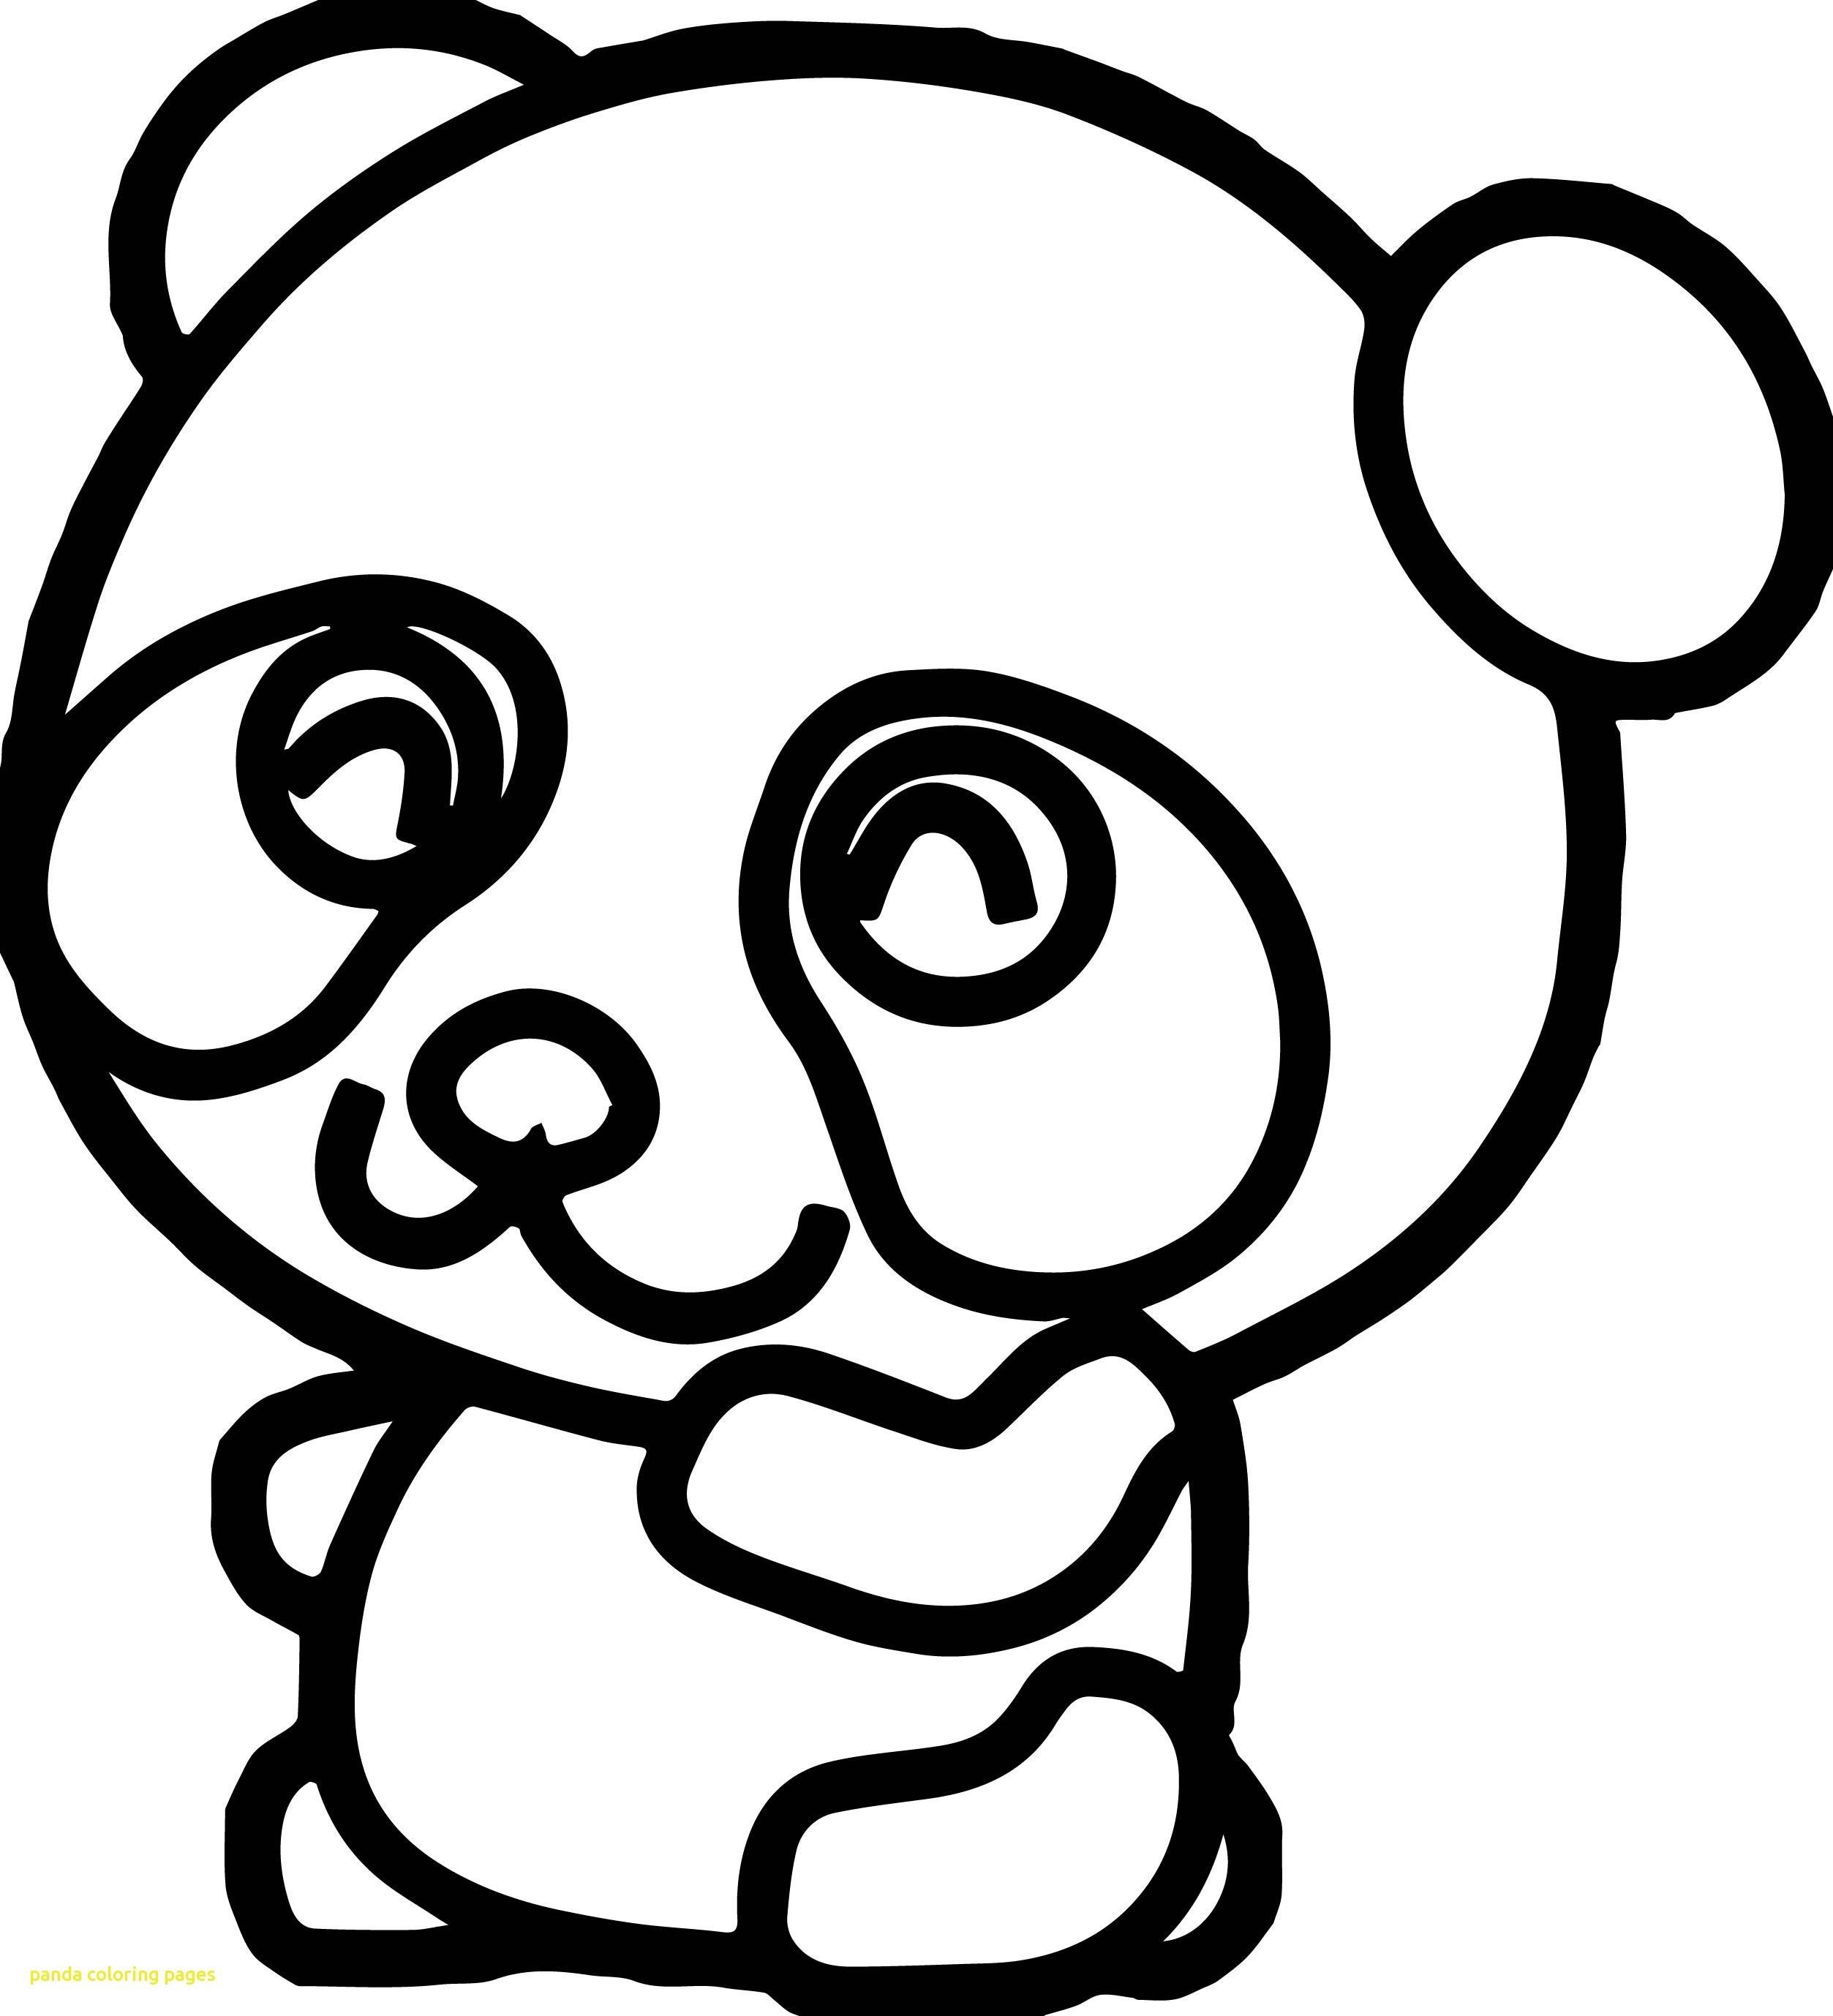 coloring panda panda coloring pages at getcoloringscom free printable panda coloring